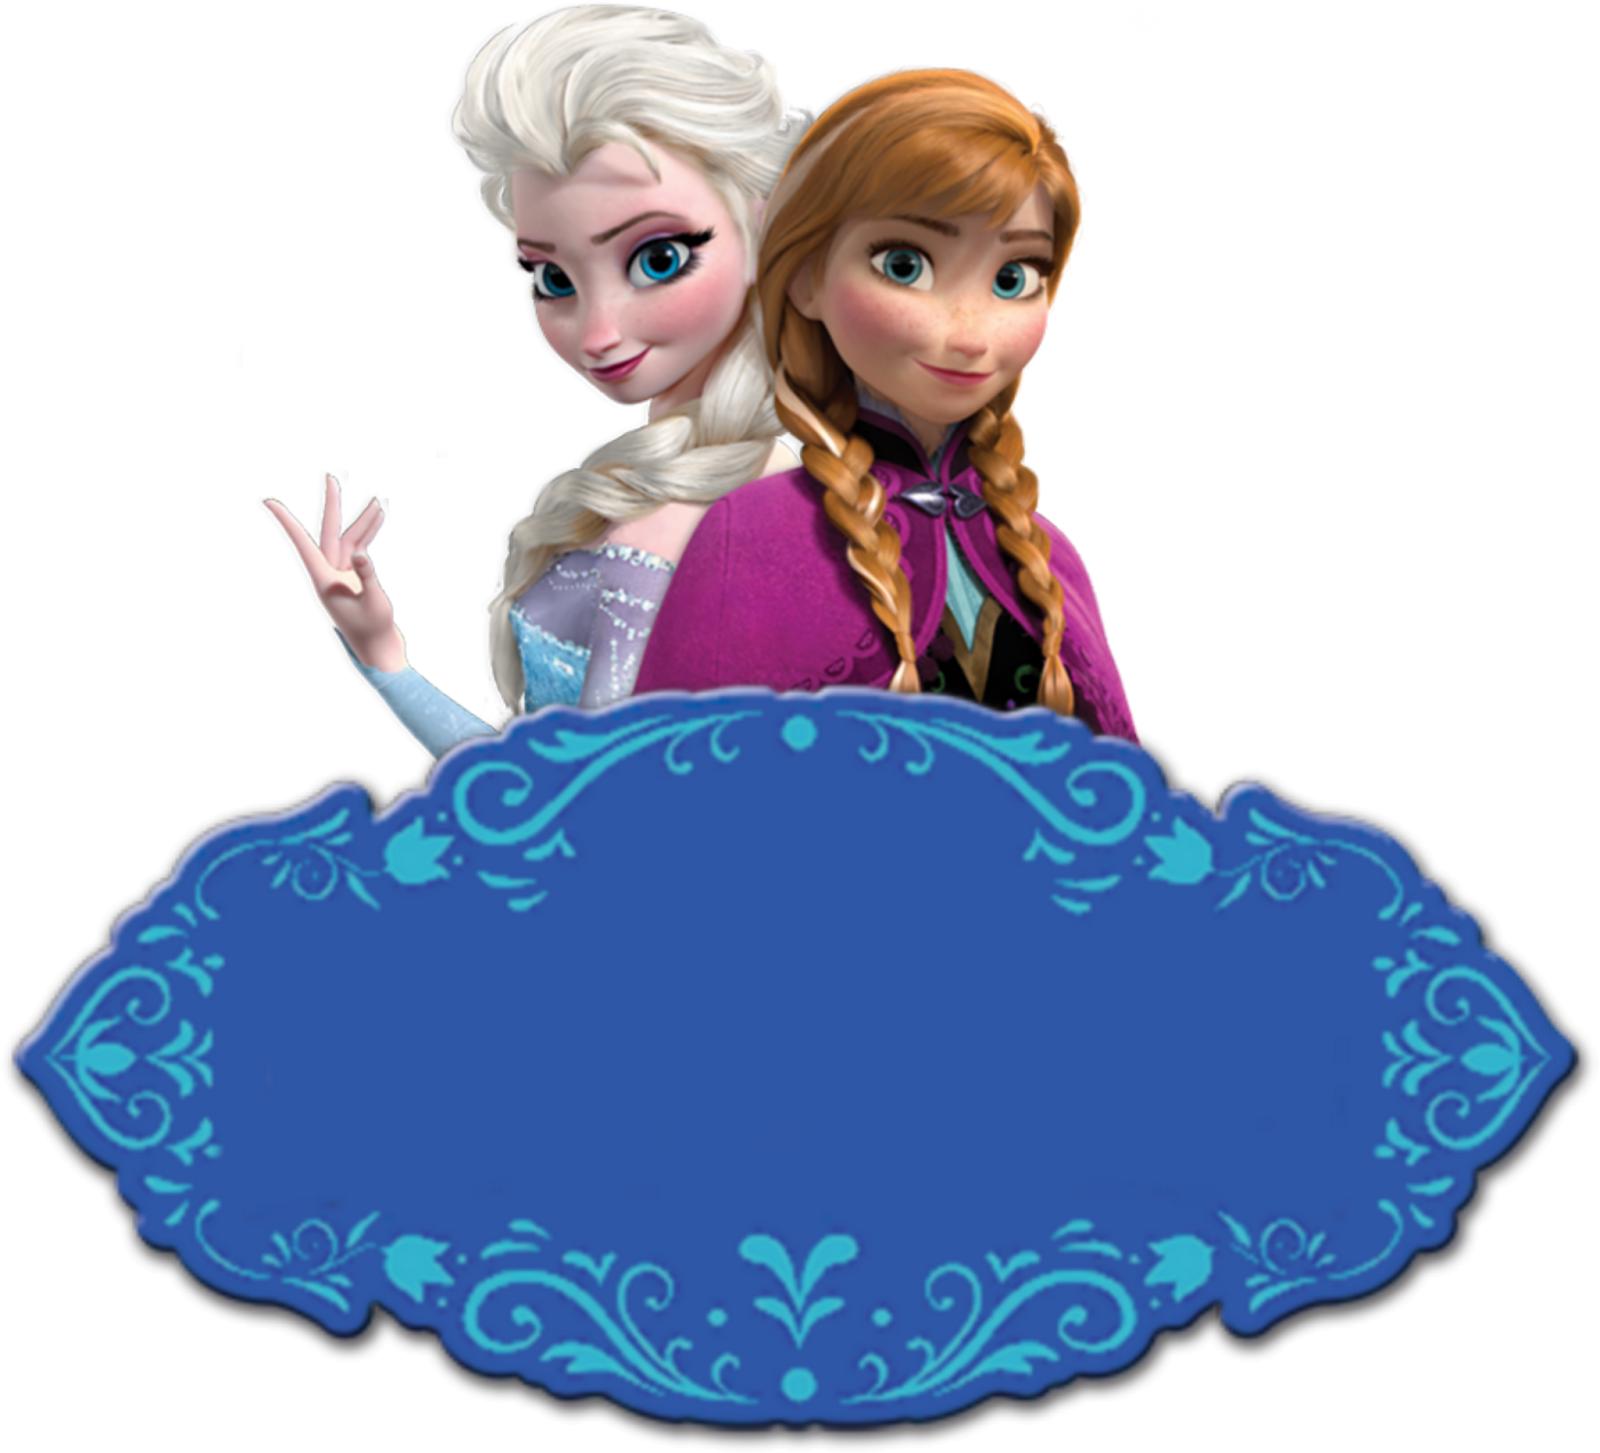 Hd png transparent images. Frozen clipart aana